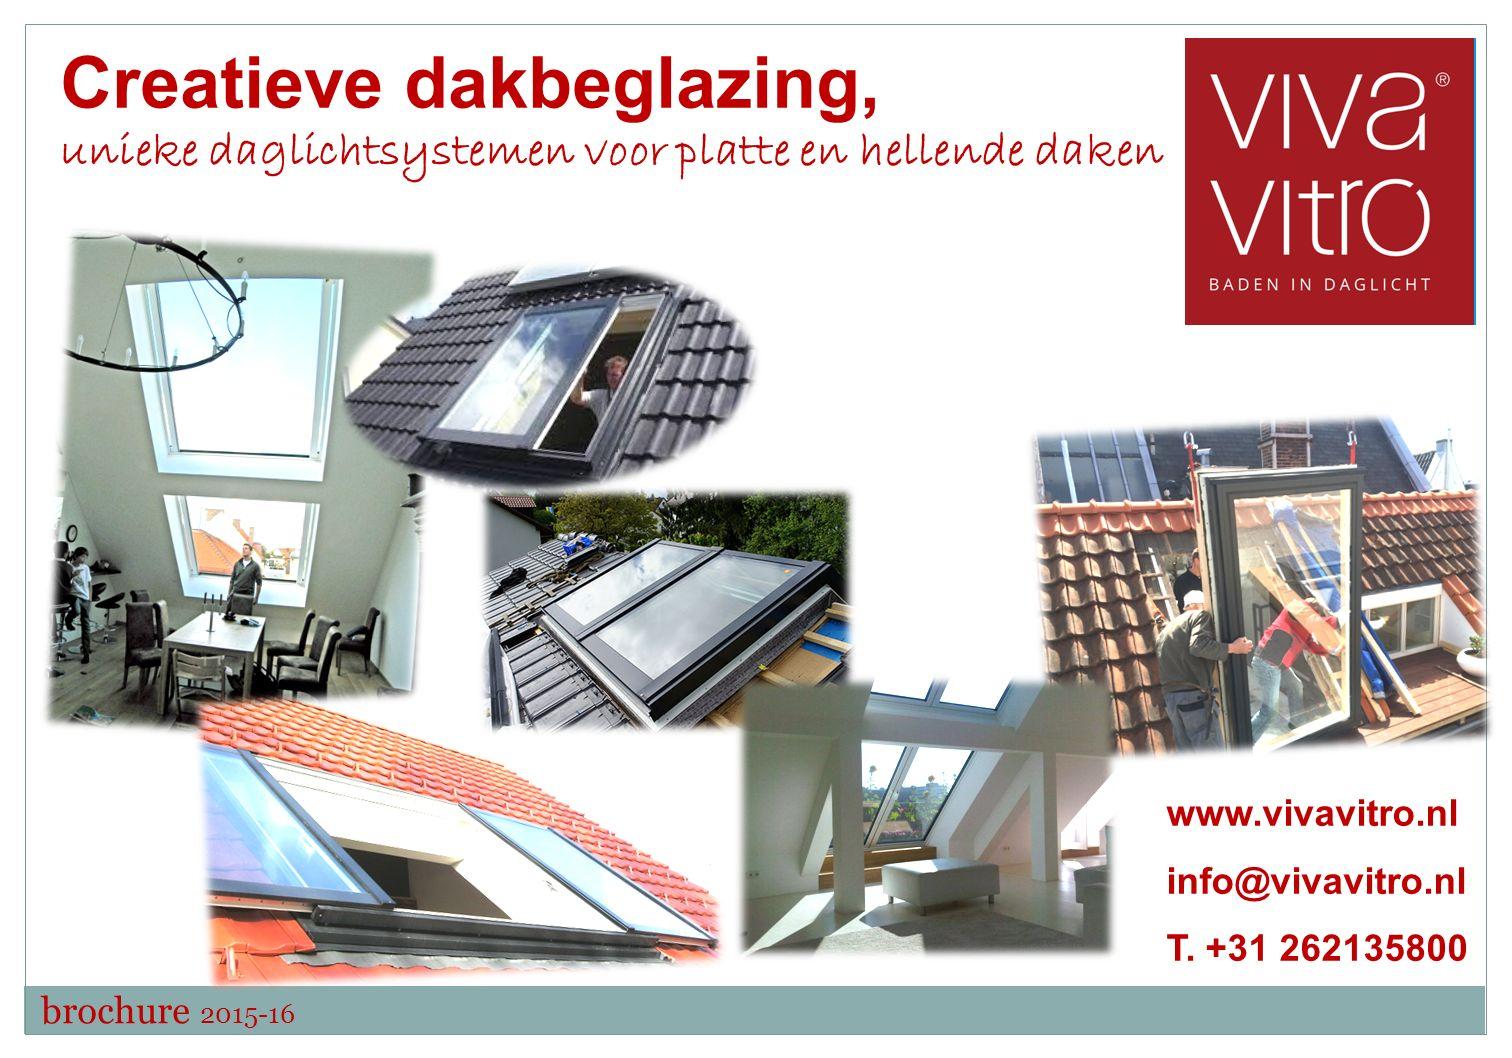 Creatieve dakbeglazing, unieke daglichtsystemen voor platte en hellende daken www.vivavitro.nl info@vivavitro.nl T.